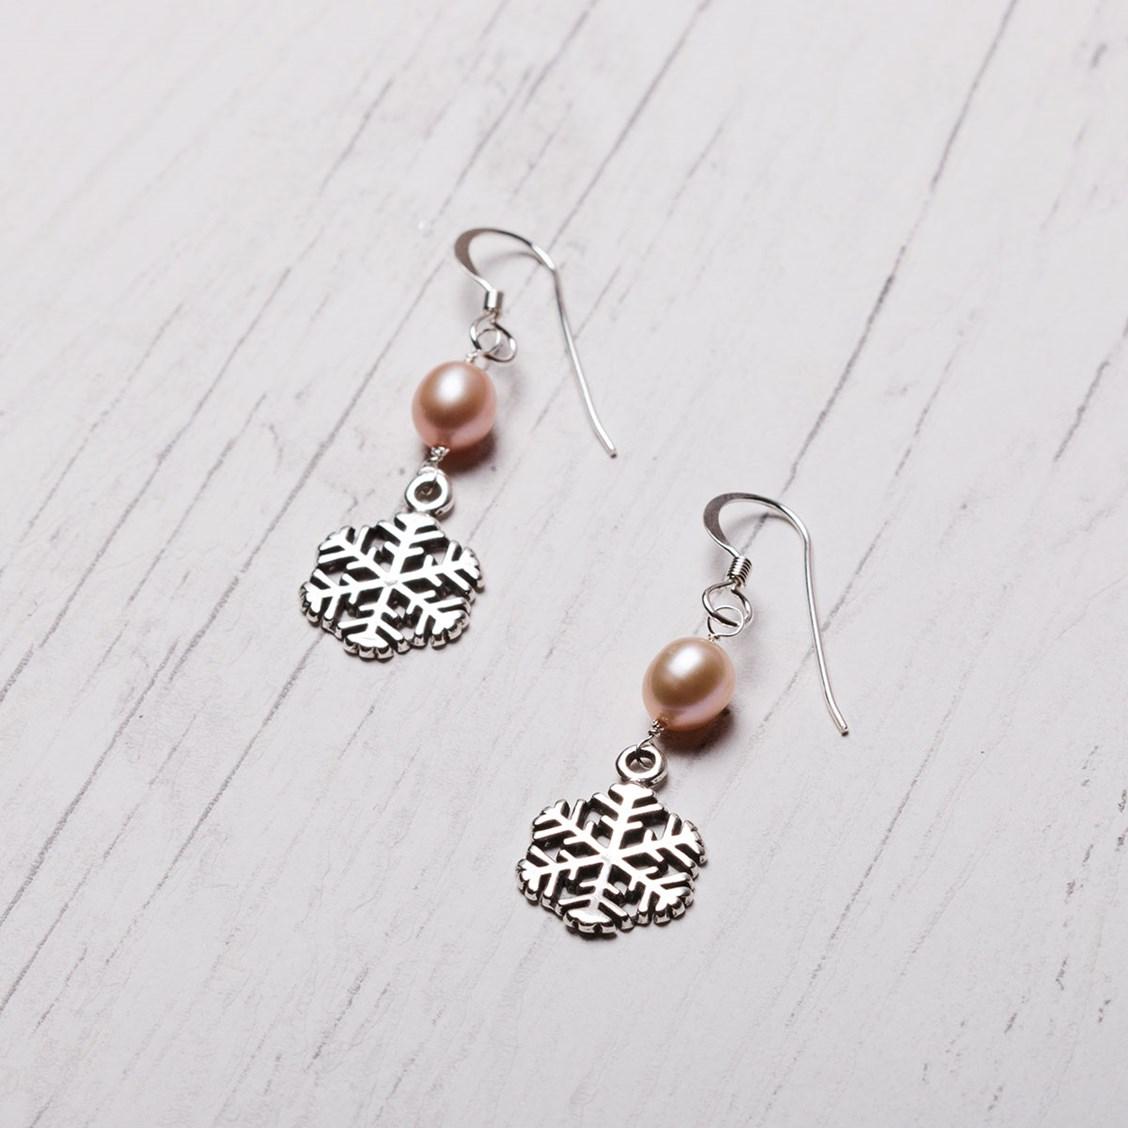 Snowflake Amp Pearl Earrings